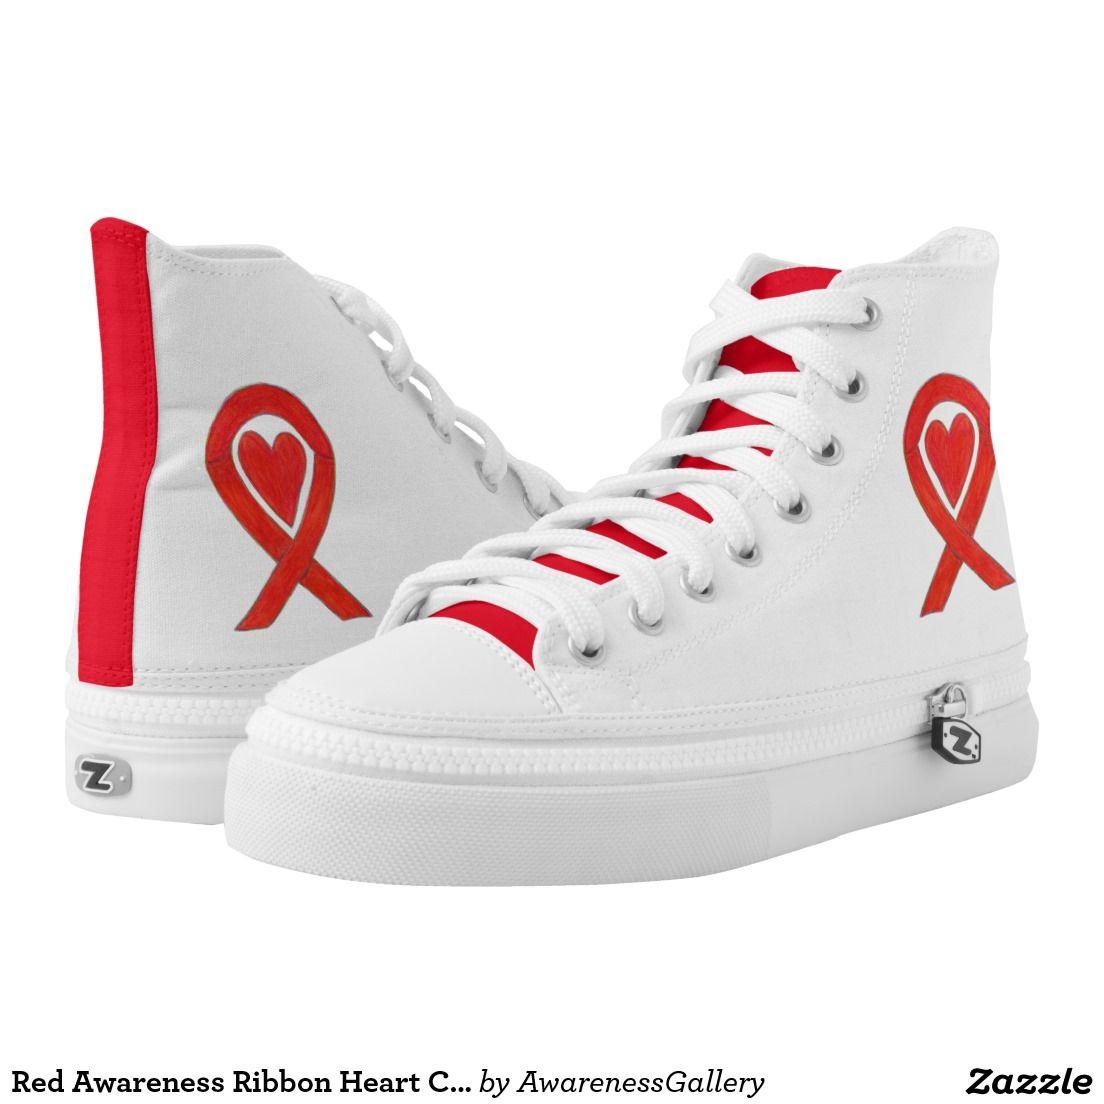 Red Awareness Ribbon Heart Custom Apparel Design Printed Shoes